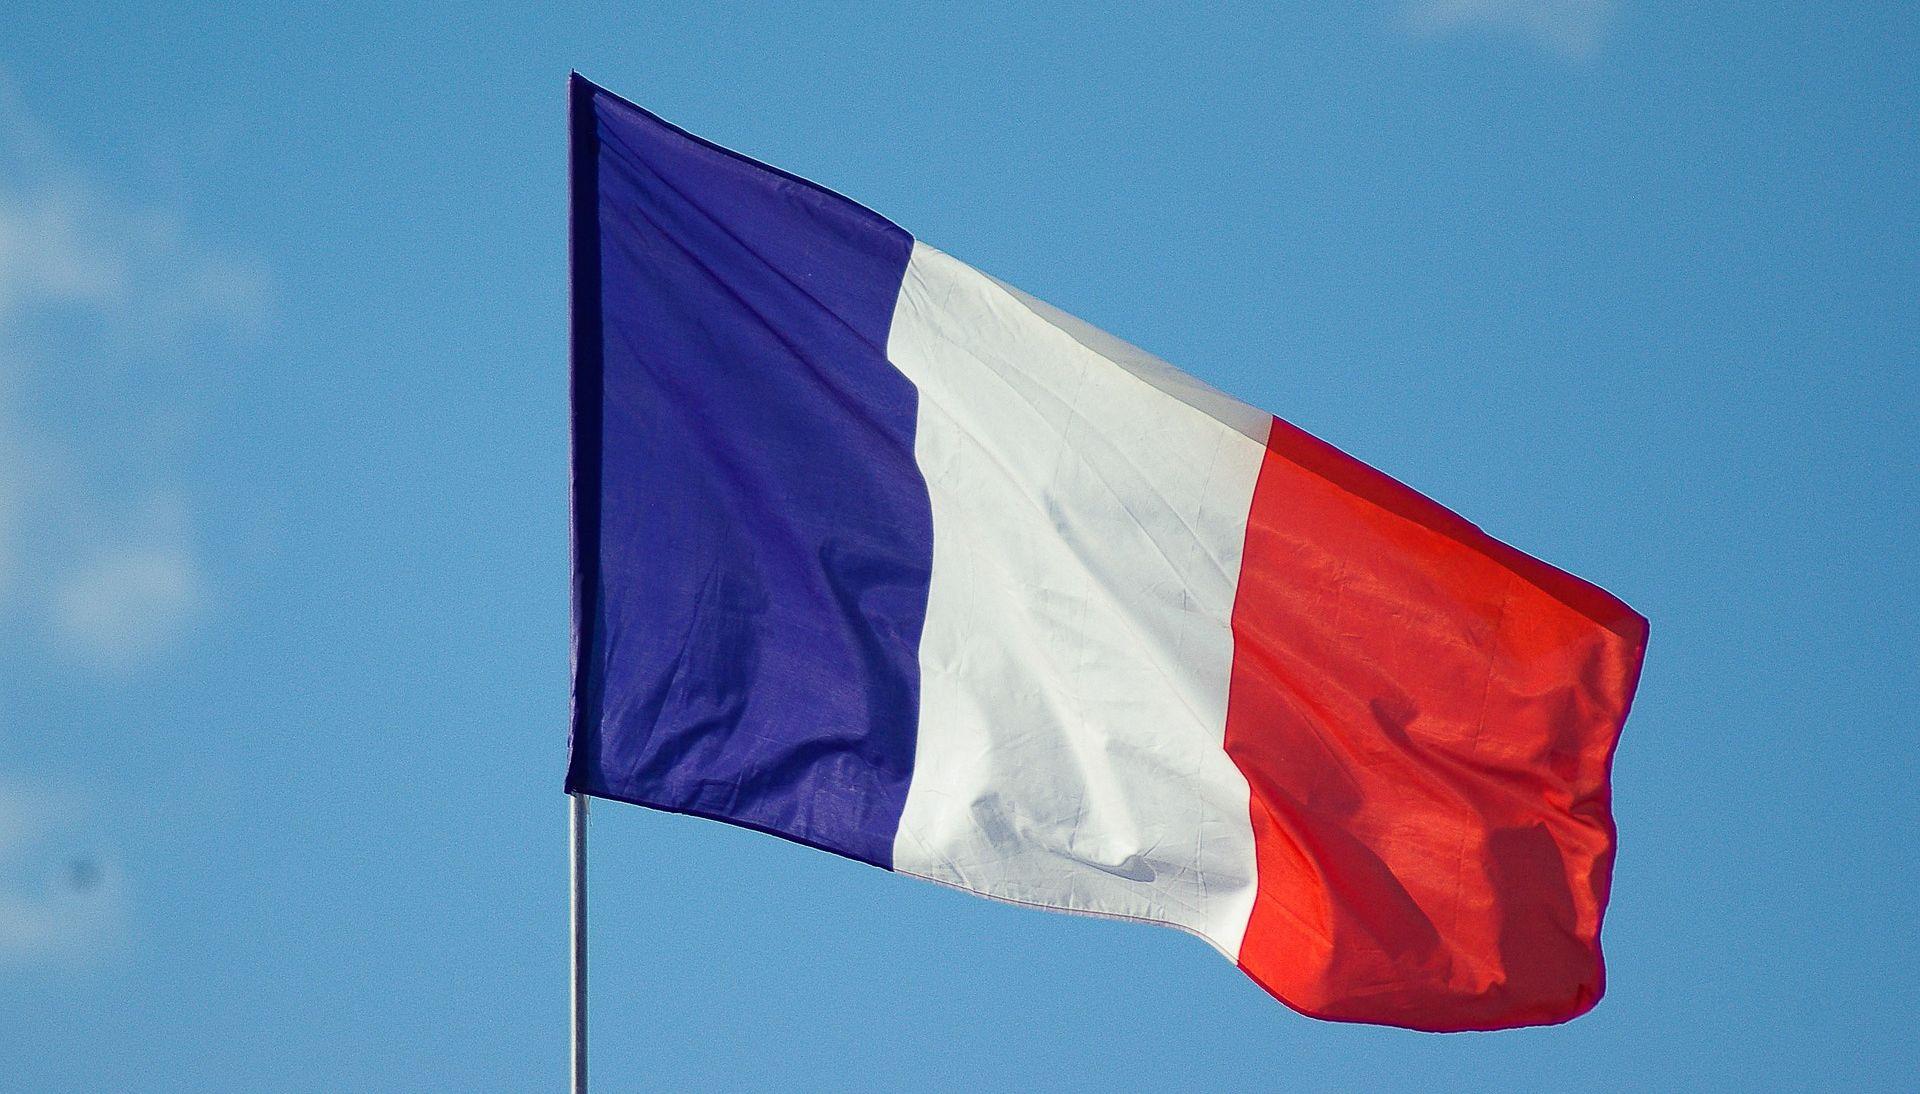 Francuski predsjednički izbori u proljeće 2017.